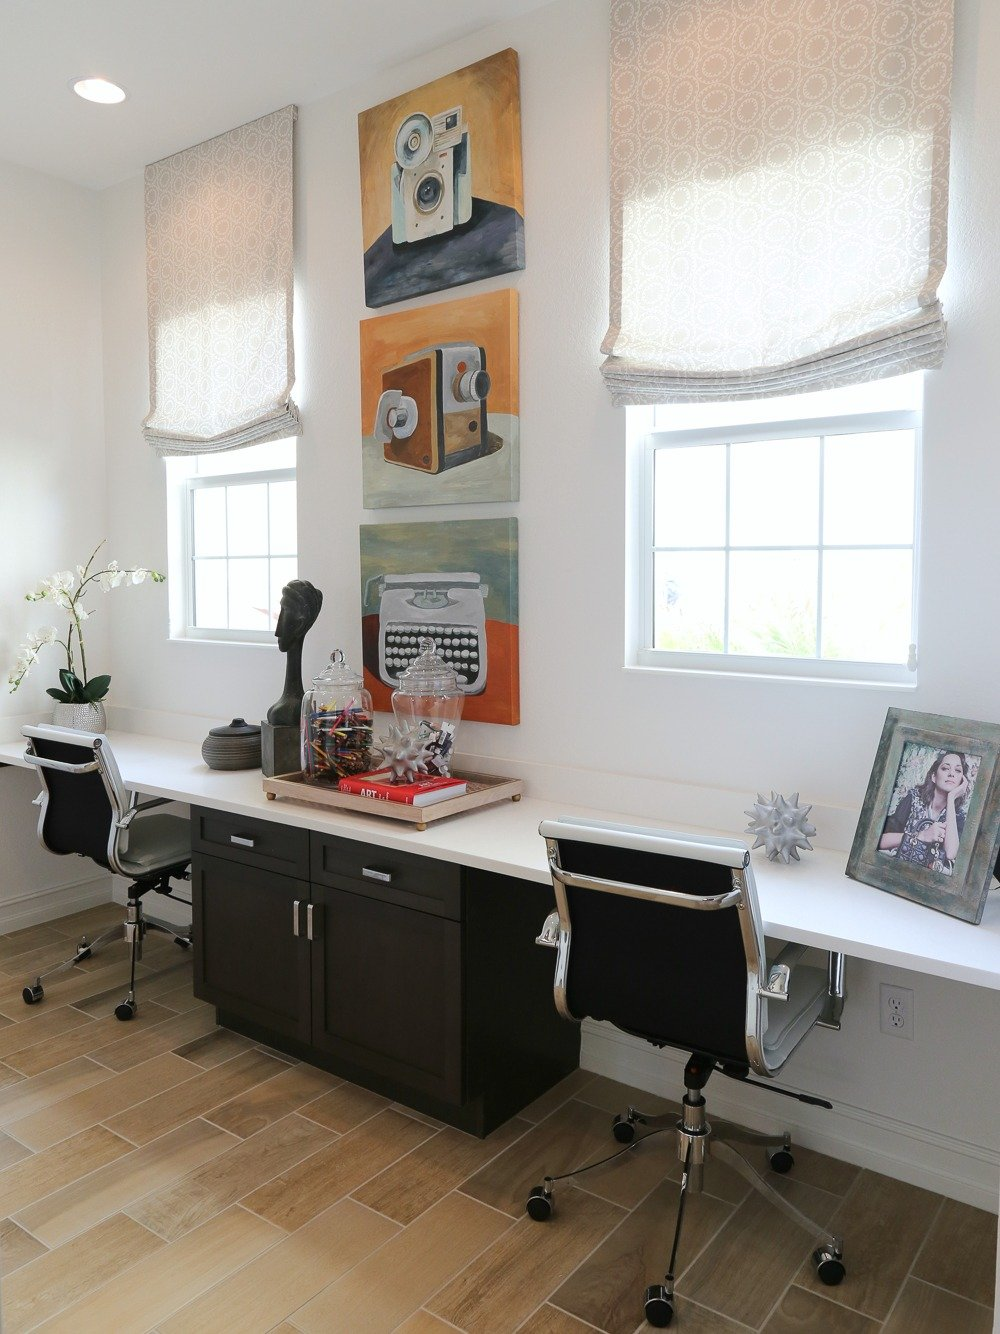 Double desk area in hallway.